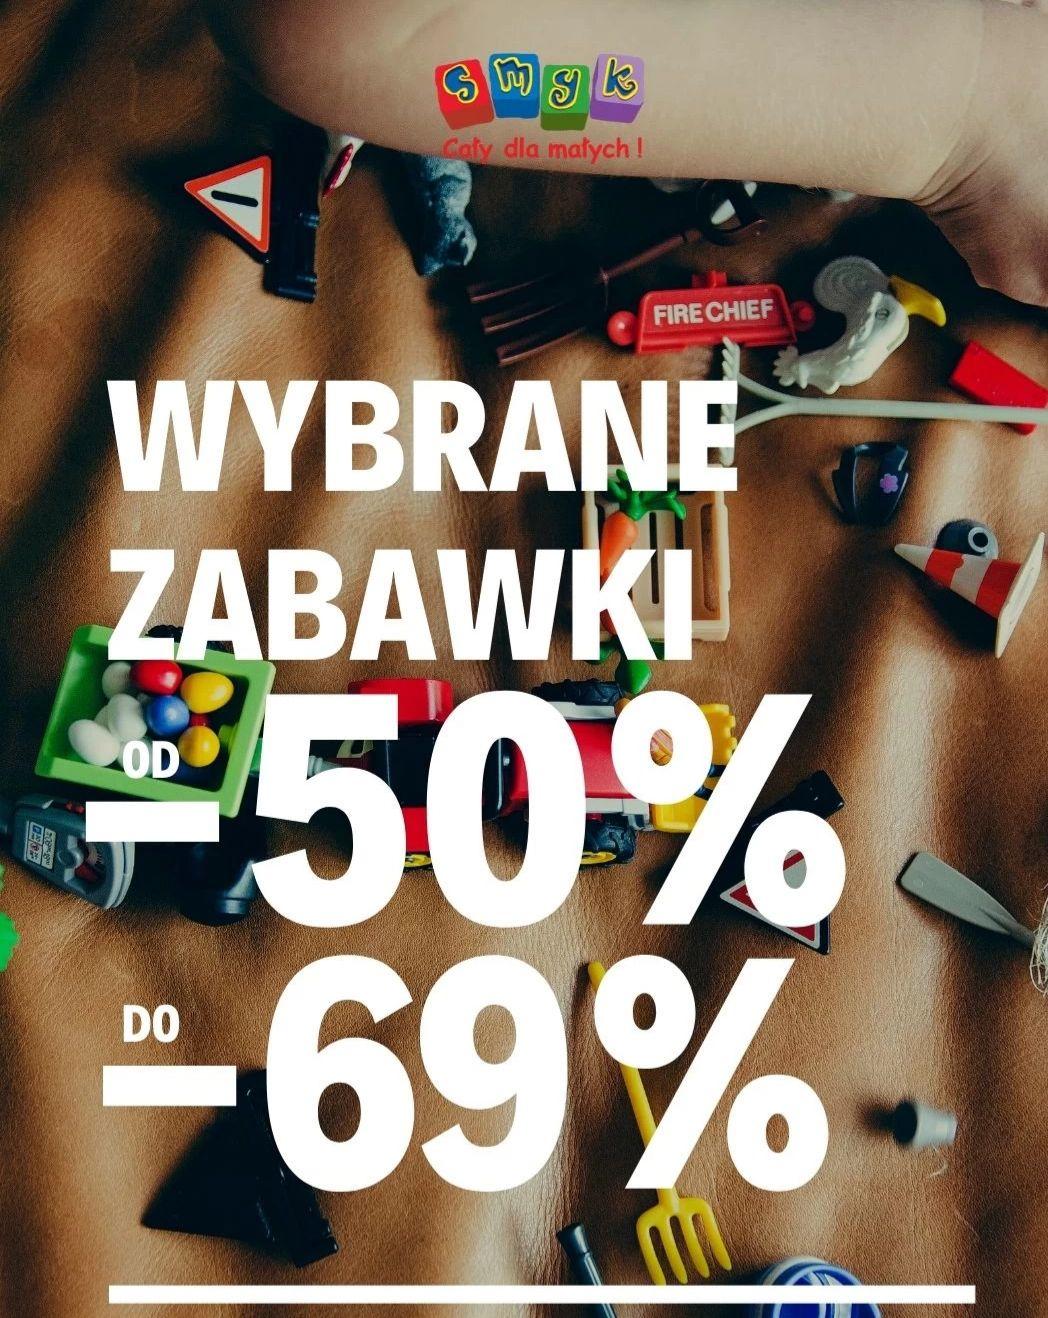 Smyk wybrane zabawki od 50% do 69% taniej. Dostawa 7.90zł